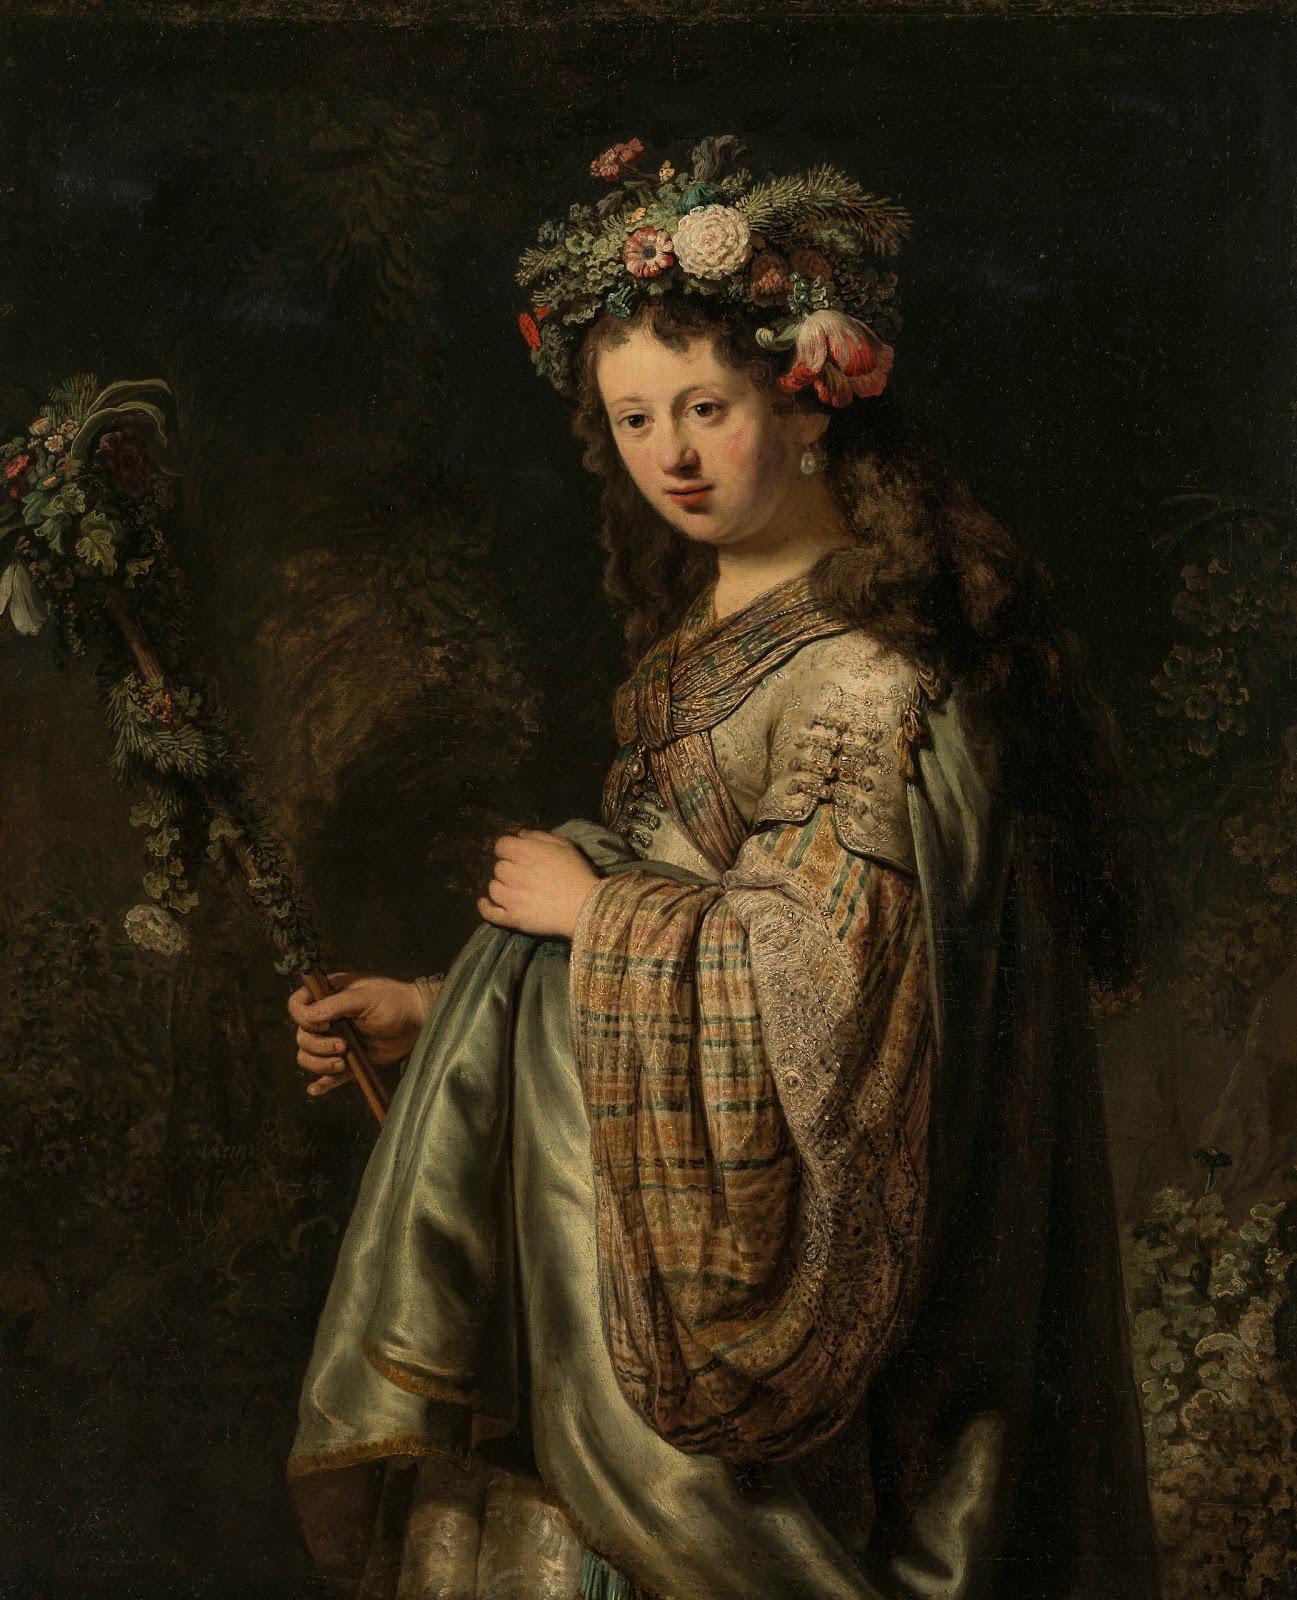 Рембрандт, картины, биография, подпись - Rembrandt фото